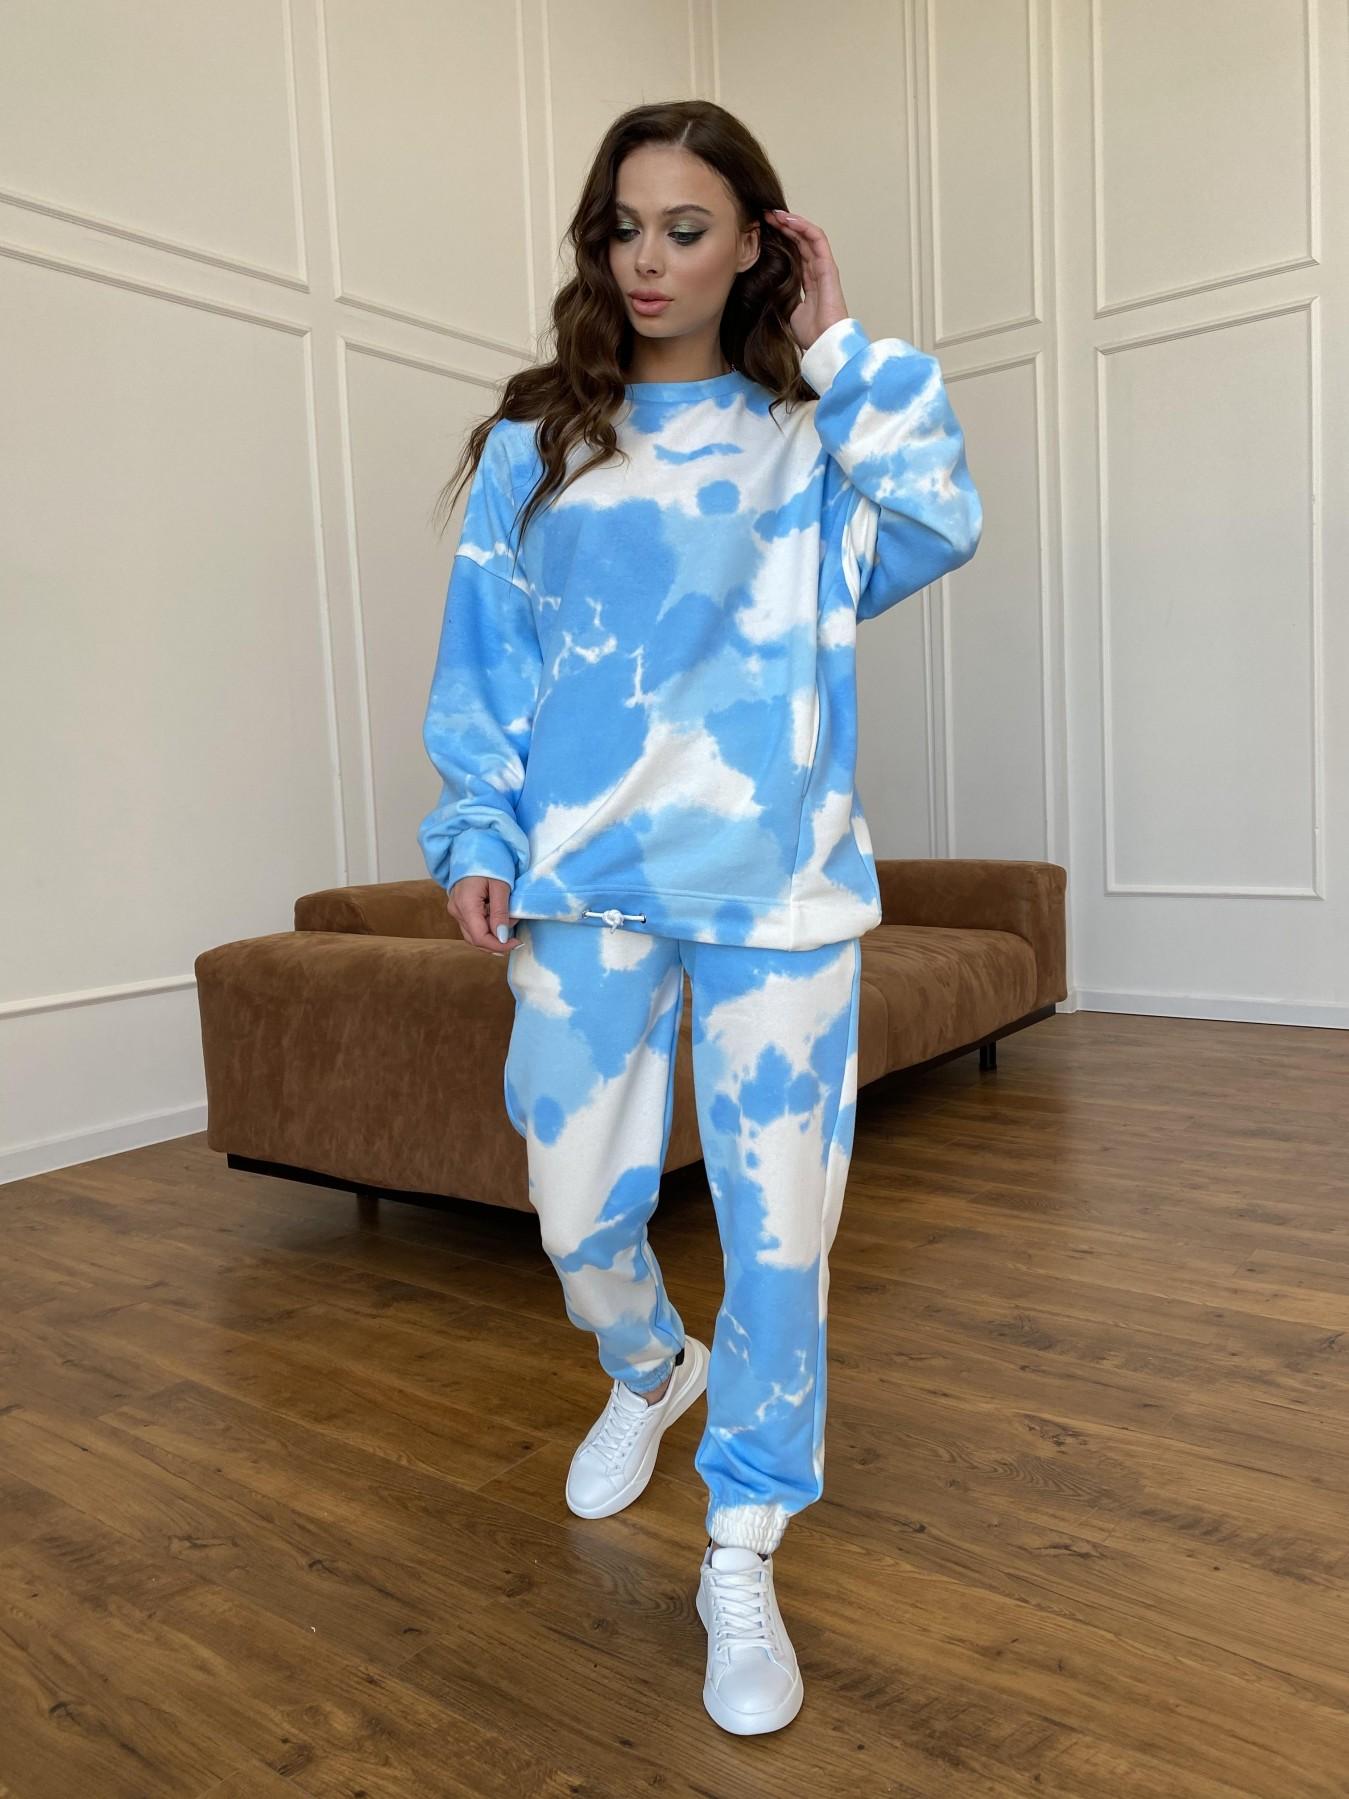 Скай костюм c принтом из 3х нитки 11248 АРТ. 47769 Цвет: Молоко/голубойТайДай - фото 7, интернет магазин tm-modus.ru